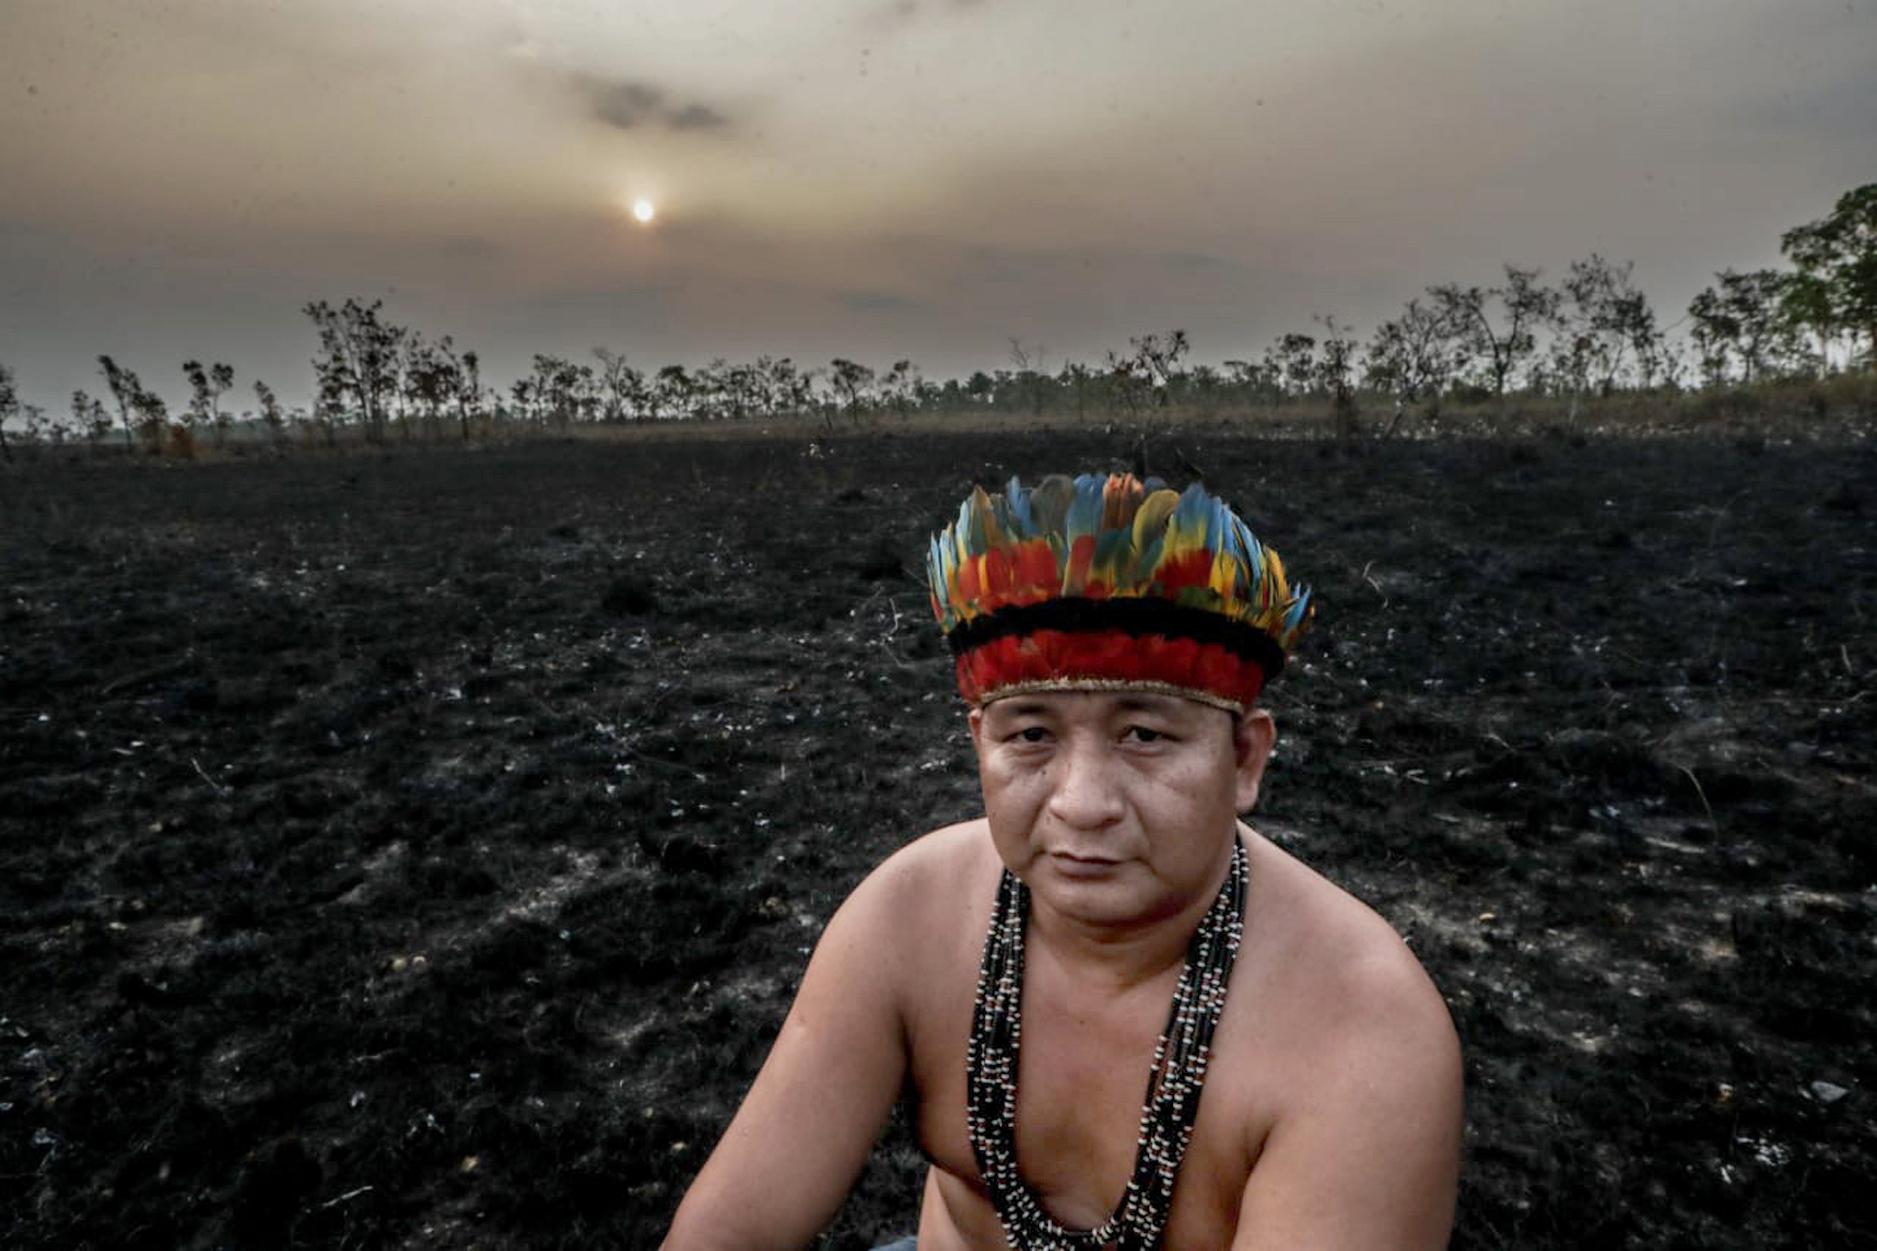 A világ legnagyobb élelmiszeripari cégei is kivehették a részüket az Amazonas irtásából